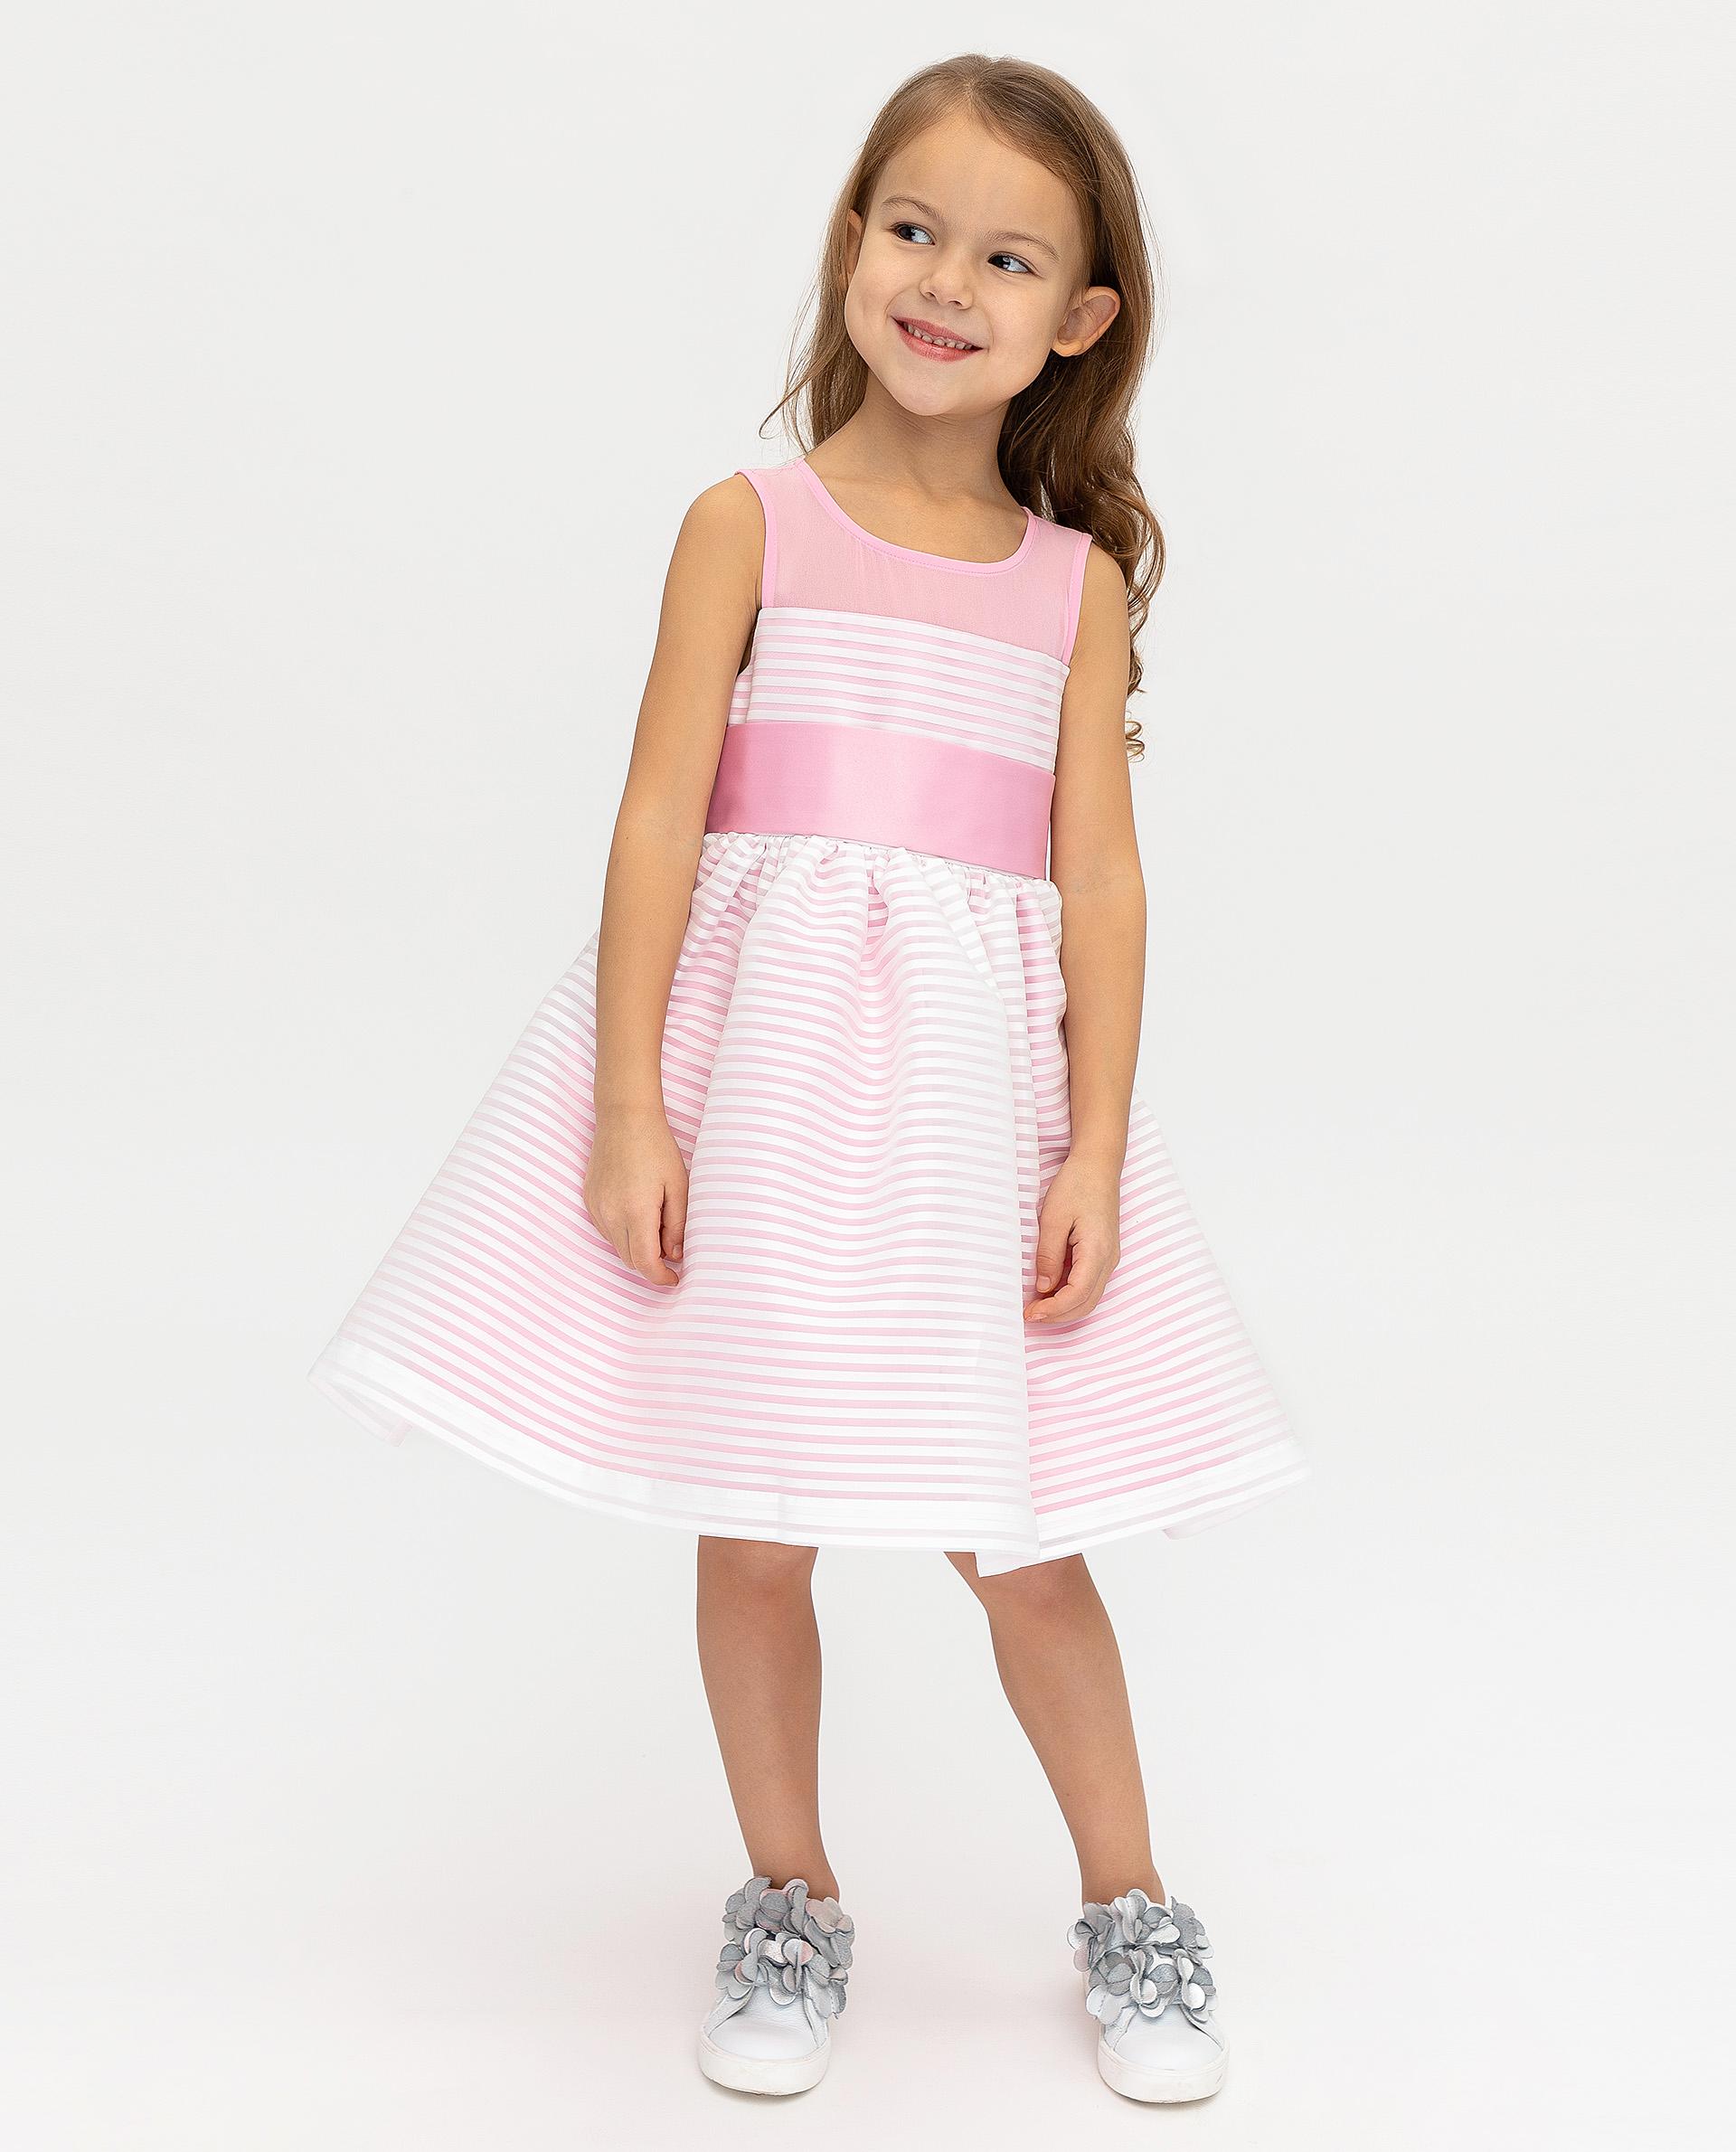 Купить 120GPGMC2504, Розовое нарядное платье Gulliver, розовый, 116, Женский, ВЕСНА/ЛЕТО 2020 (shop: GulliverMarket Gulliver Market)